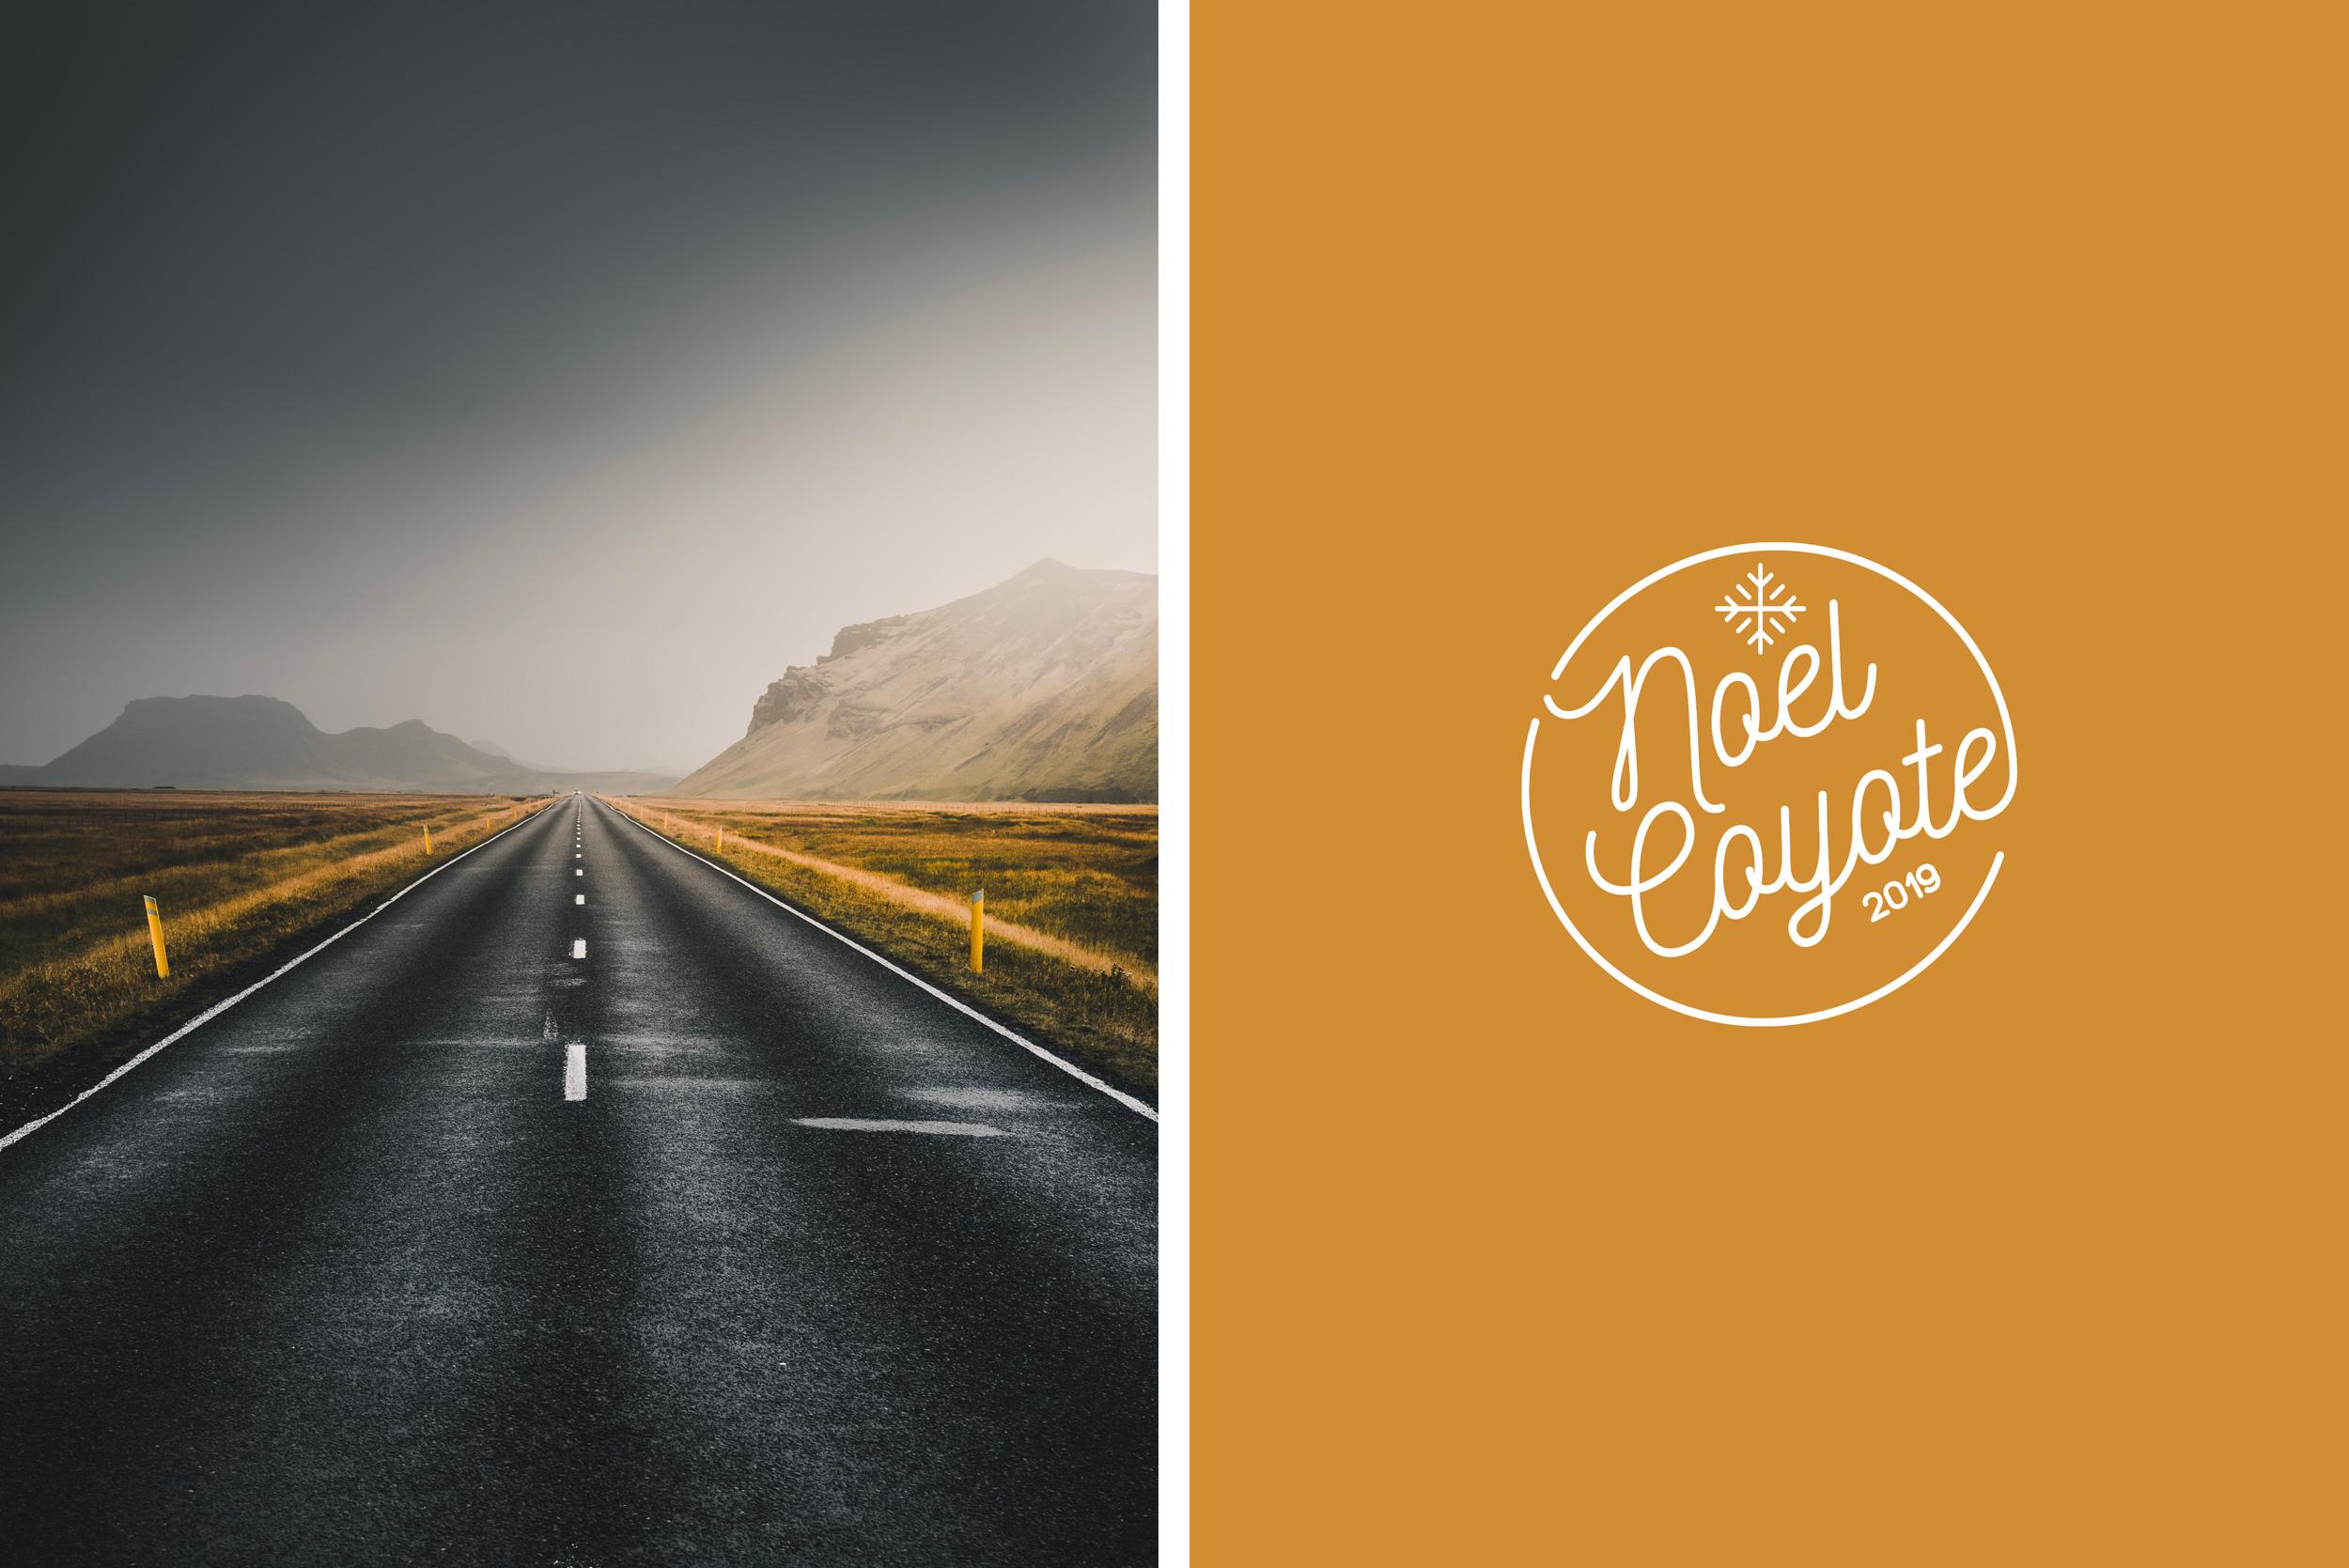 Composition d'une photo et du logo Coyote.